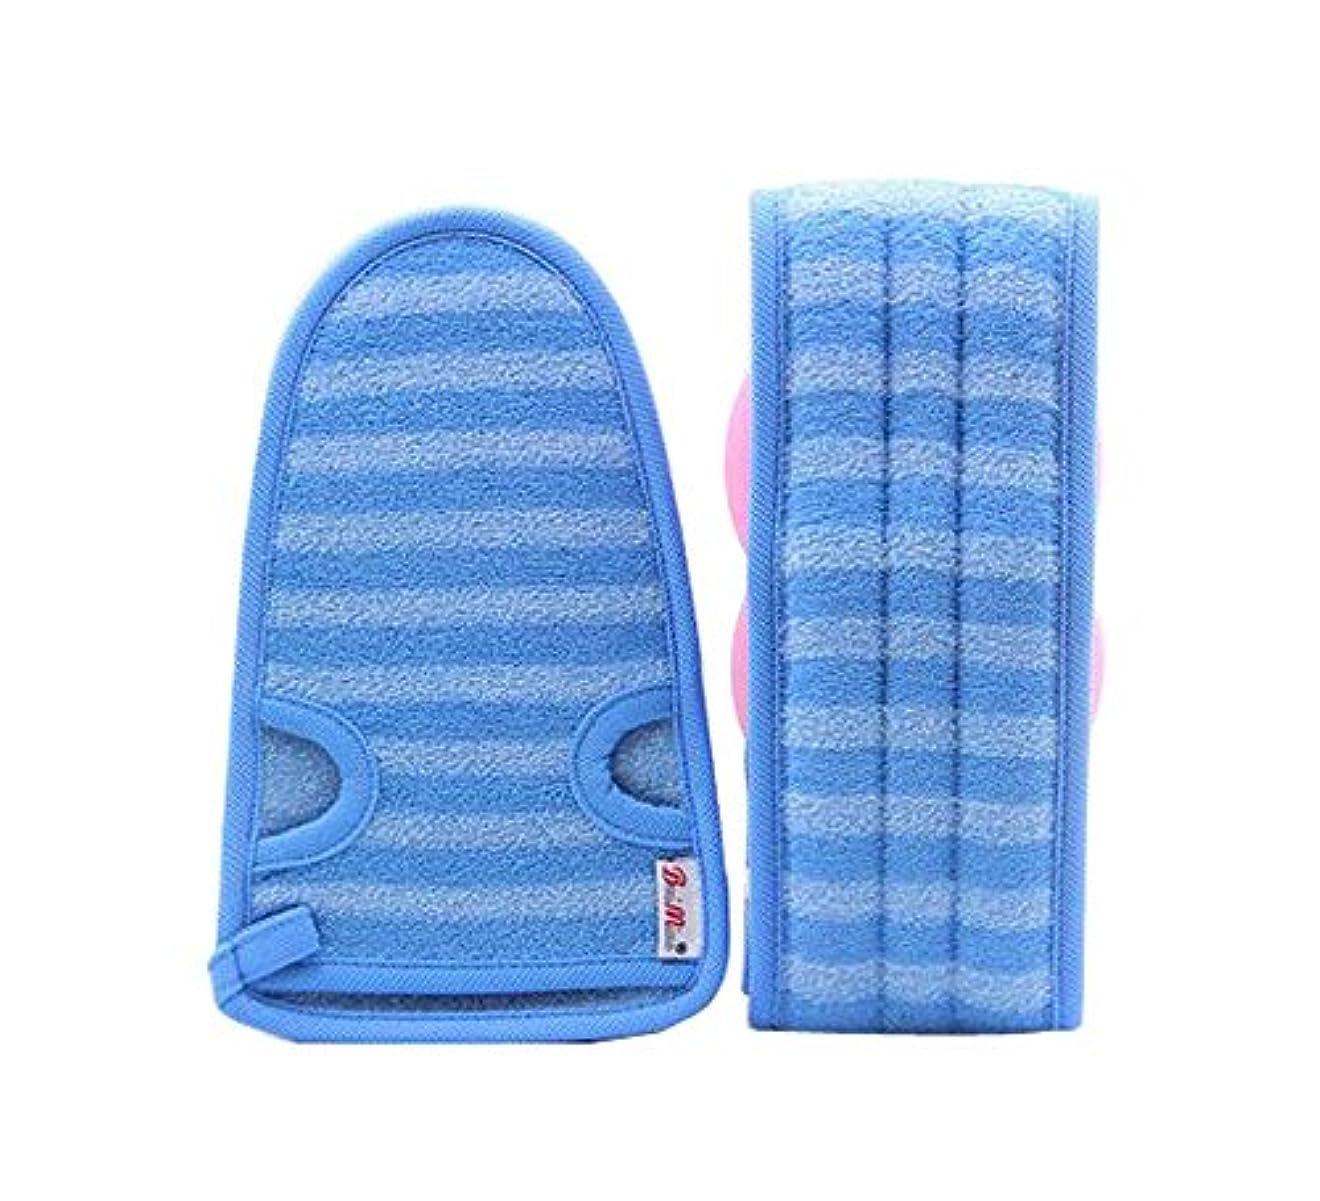 ファッション自分のいつ2つの柔らかいバスミットの剥離手袋バス用ベルト、青